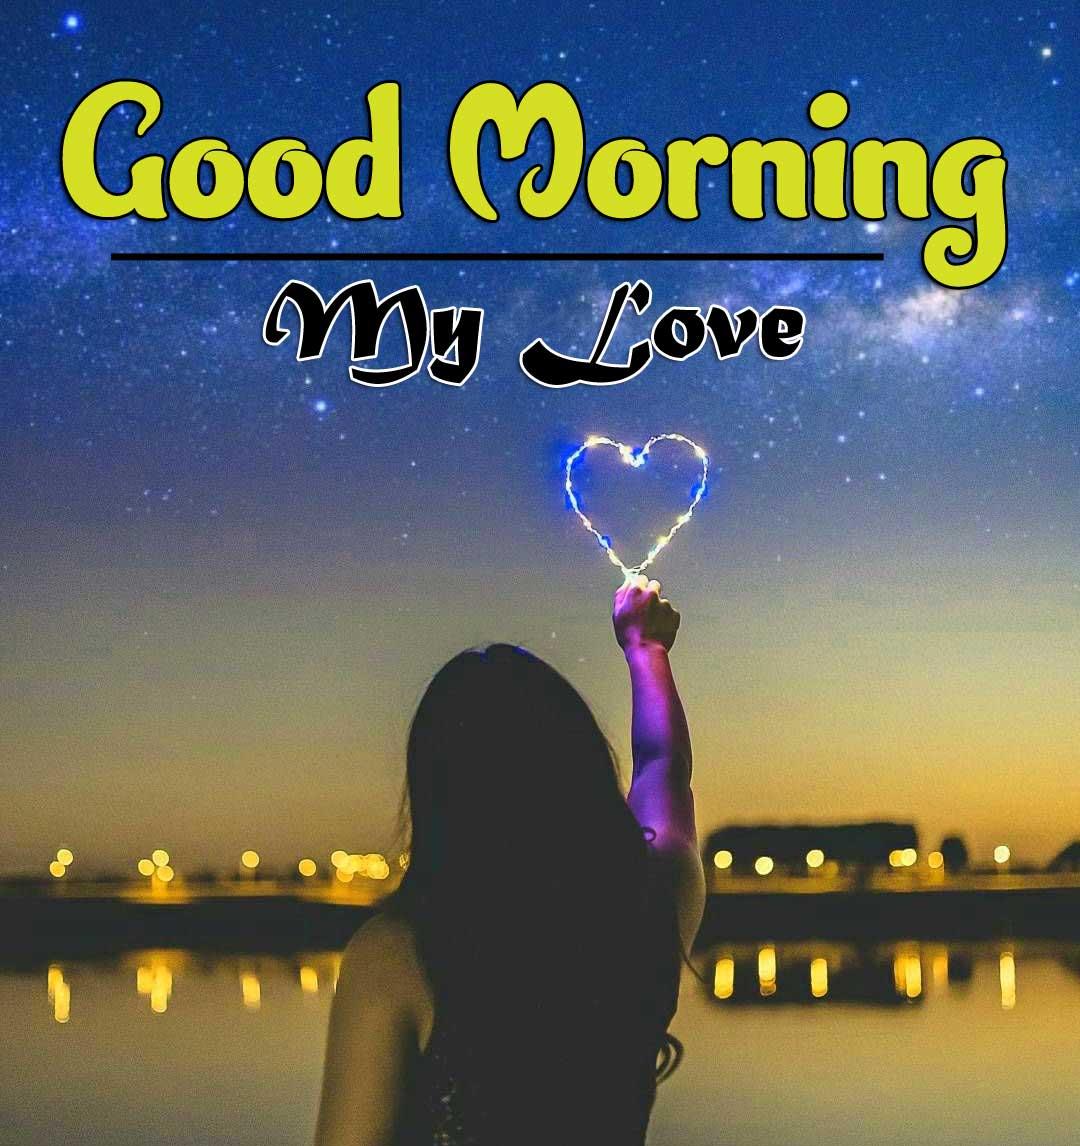 Free Wonderful Good Morning 4k Images Download